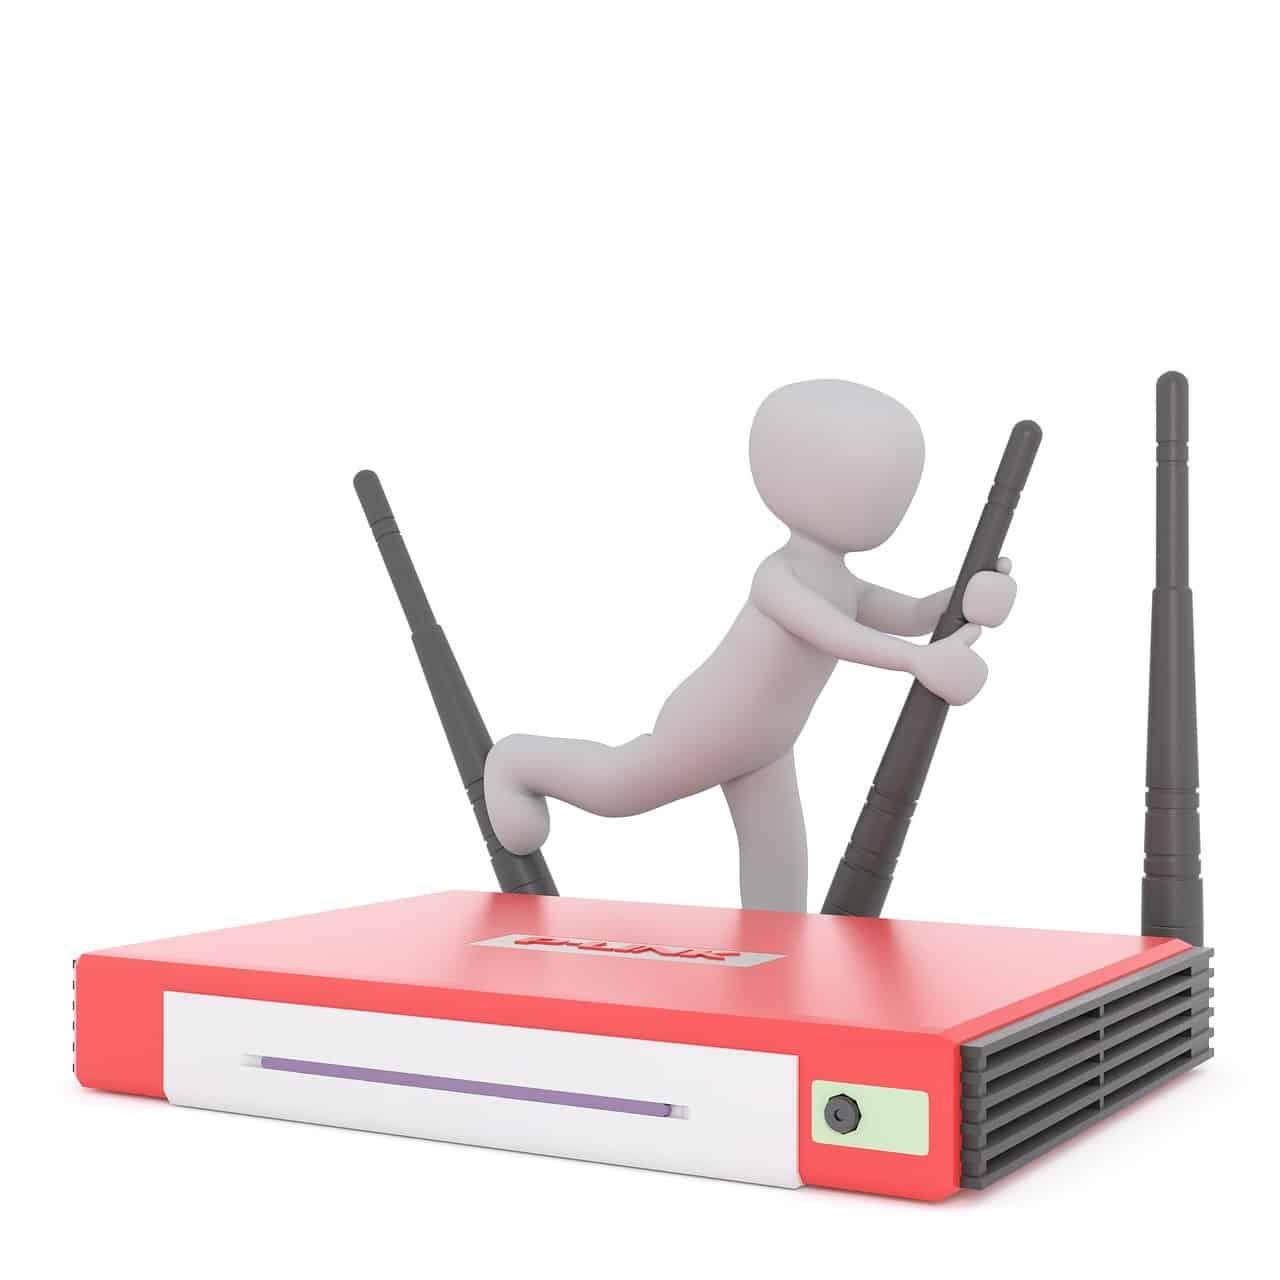 D-Link Router Sicherheitslücke